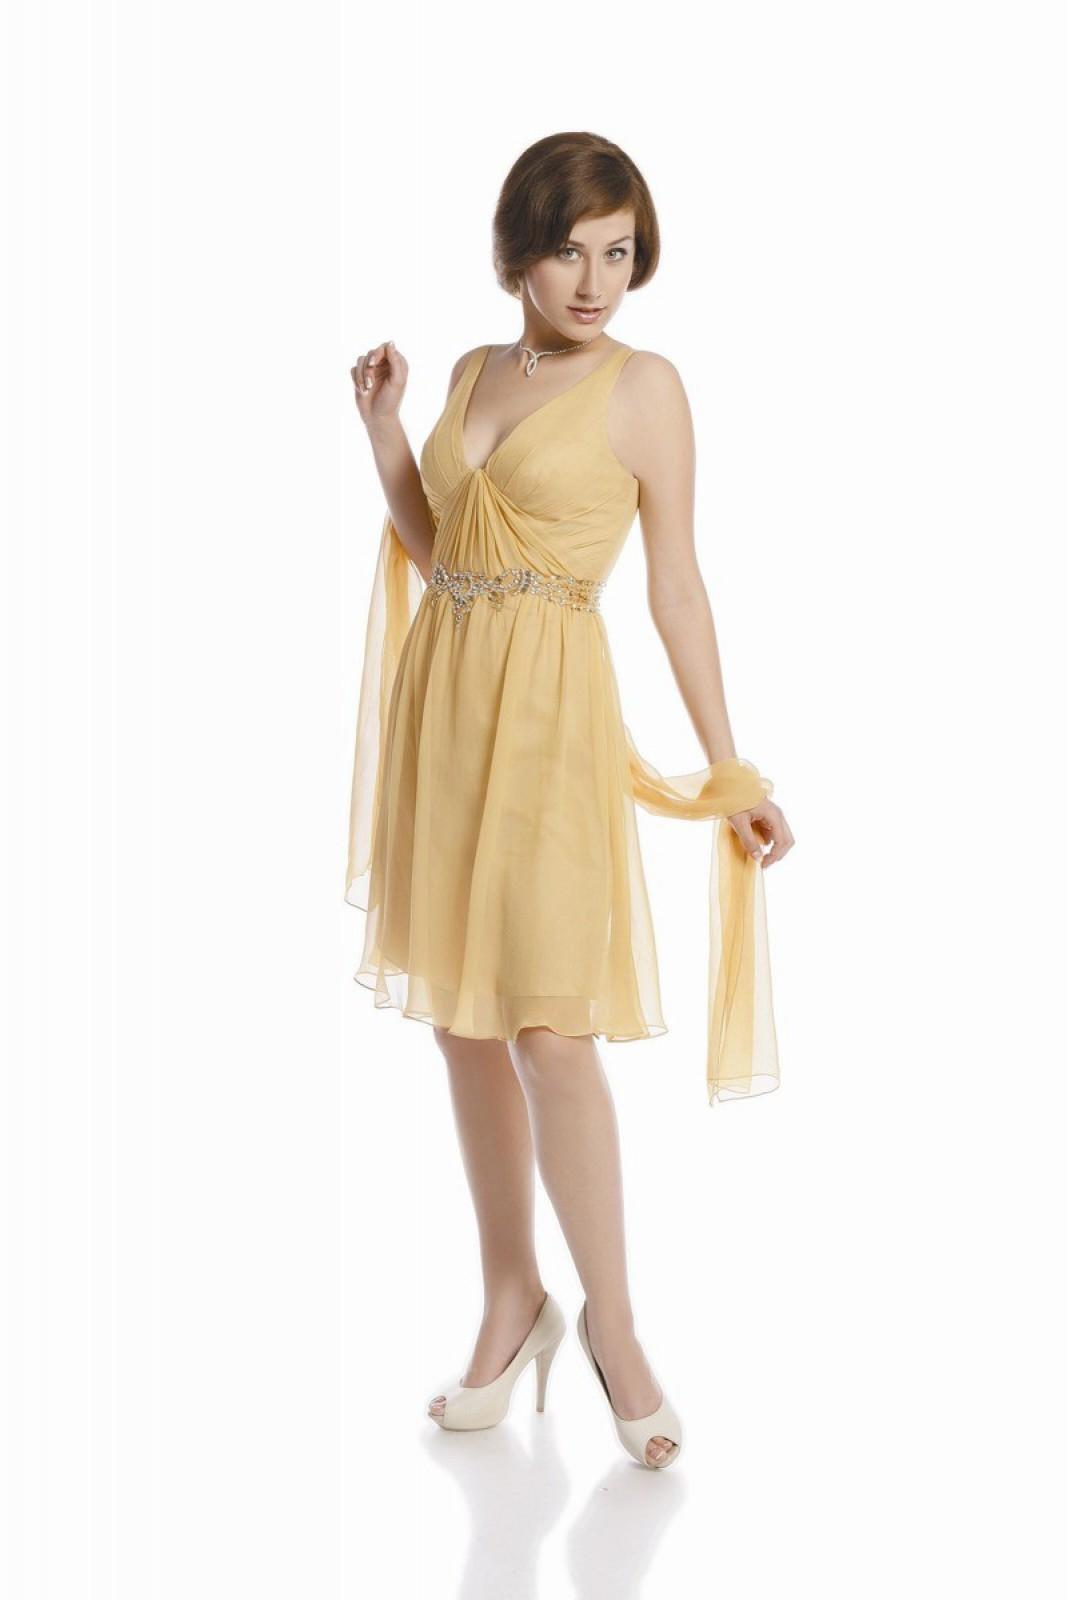 Mini-Abendkleid mit Schal aus feiner Seide in Gold-Gelb - ...